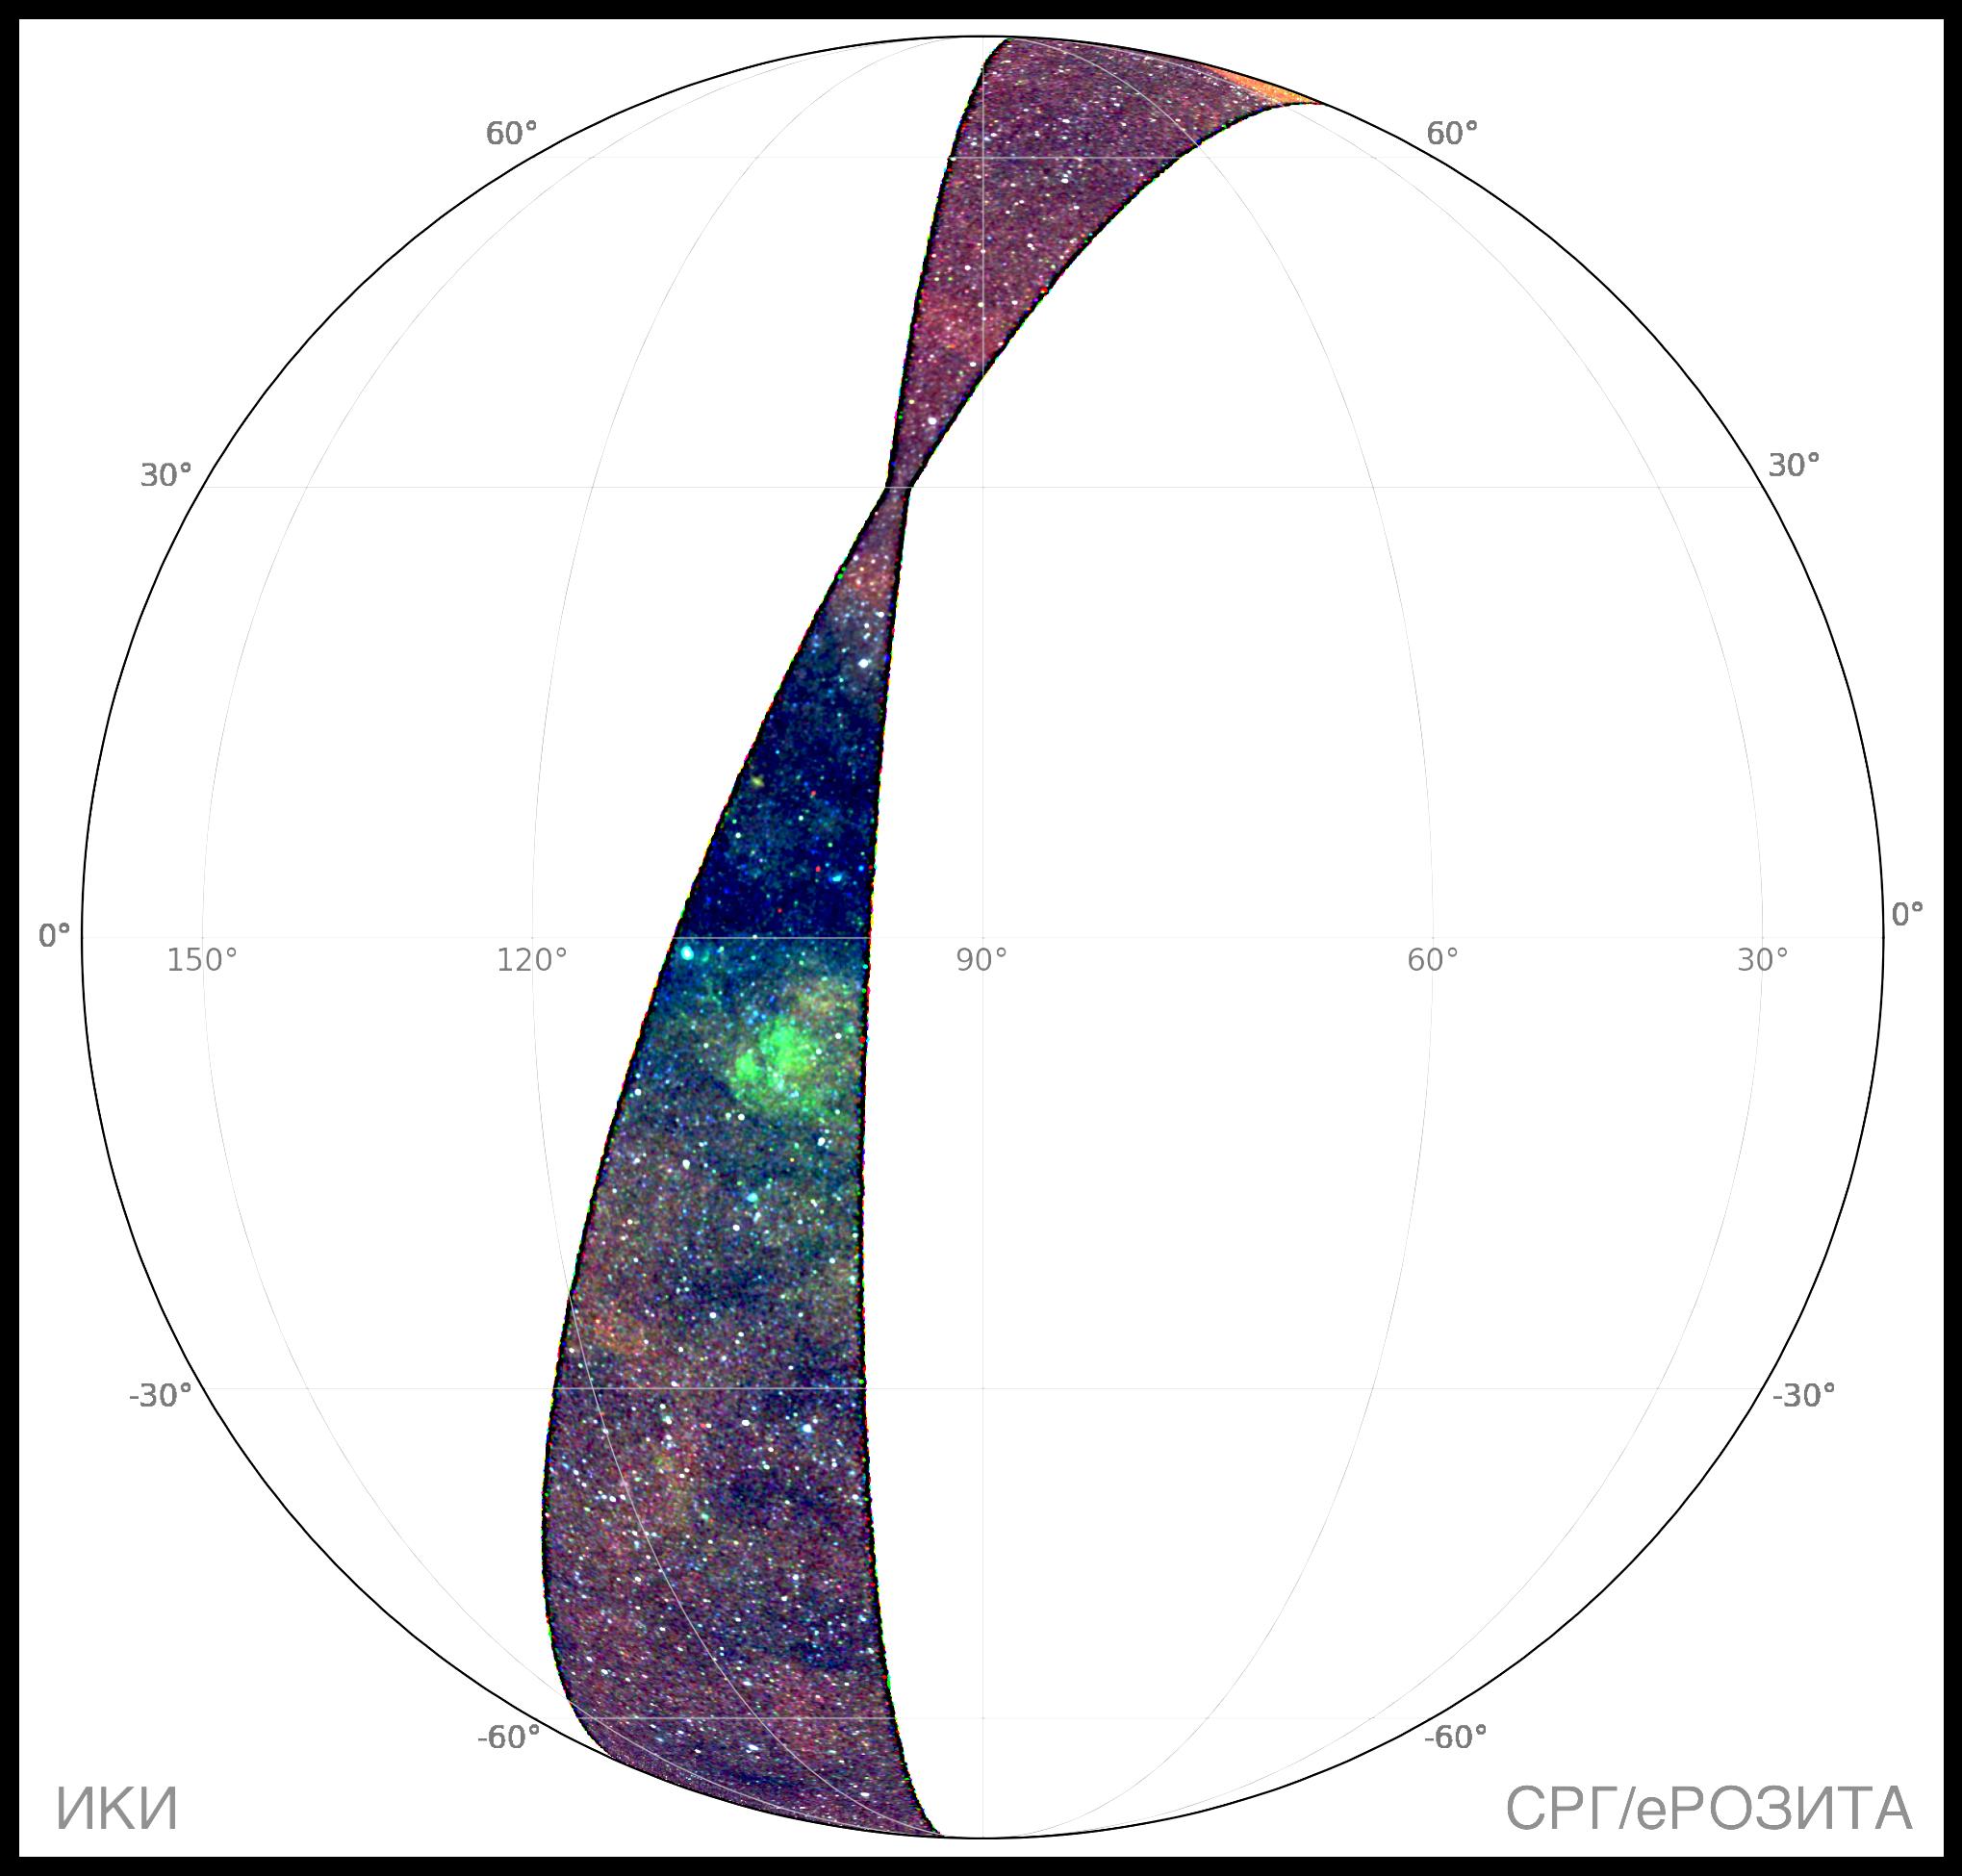 RGB-карта участка неба, покрытого в ходе первых трех недель сканирования, начатого в середине декабря 2020 г. (третий обзор всего неба), телескопом СРГ/еРОЗИТА © Гильфанов, Медведев, Сюняев и российский консорциум СРГ/еРОЗИТА, 2021